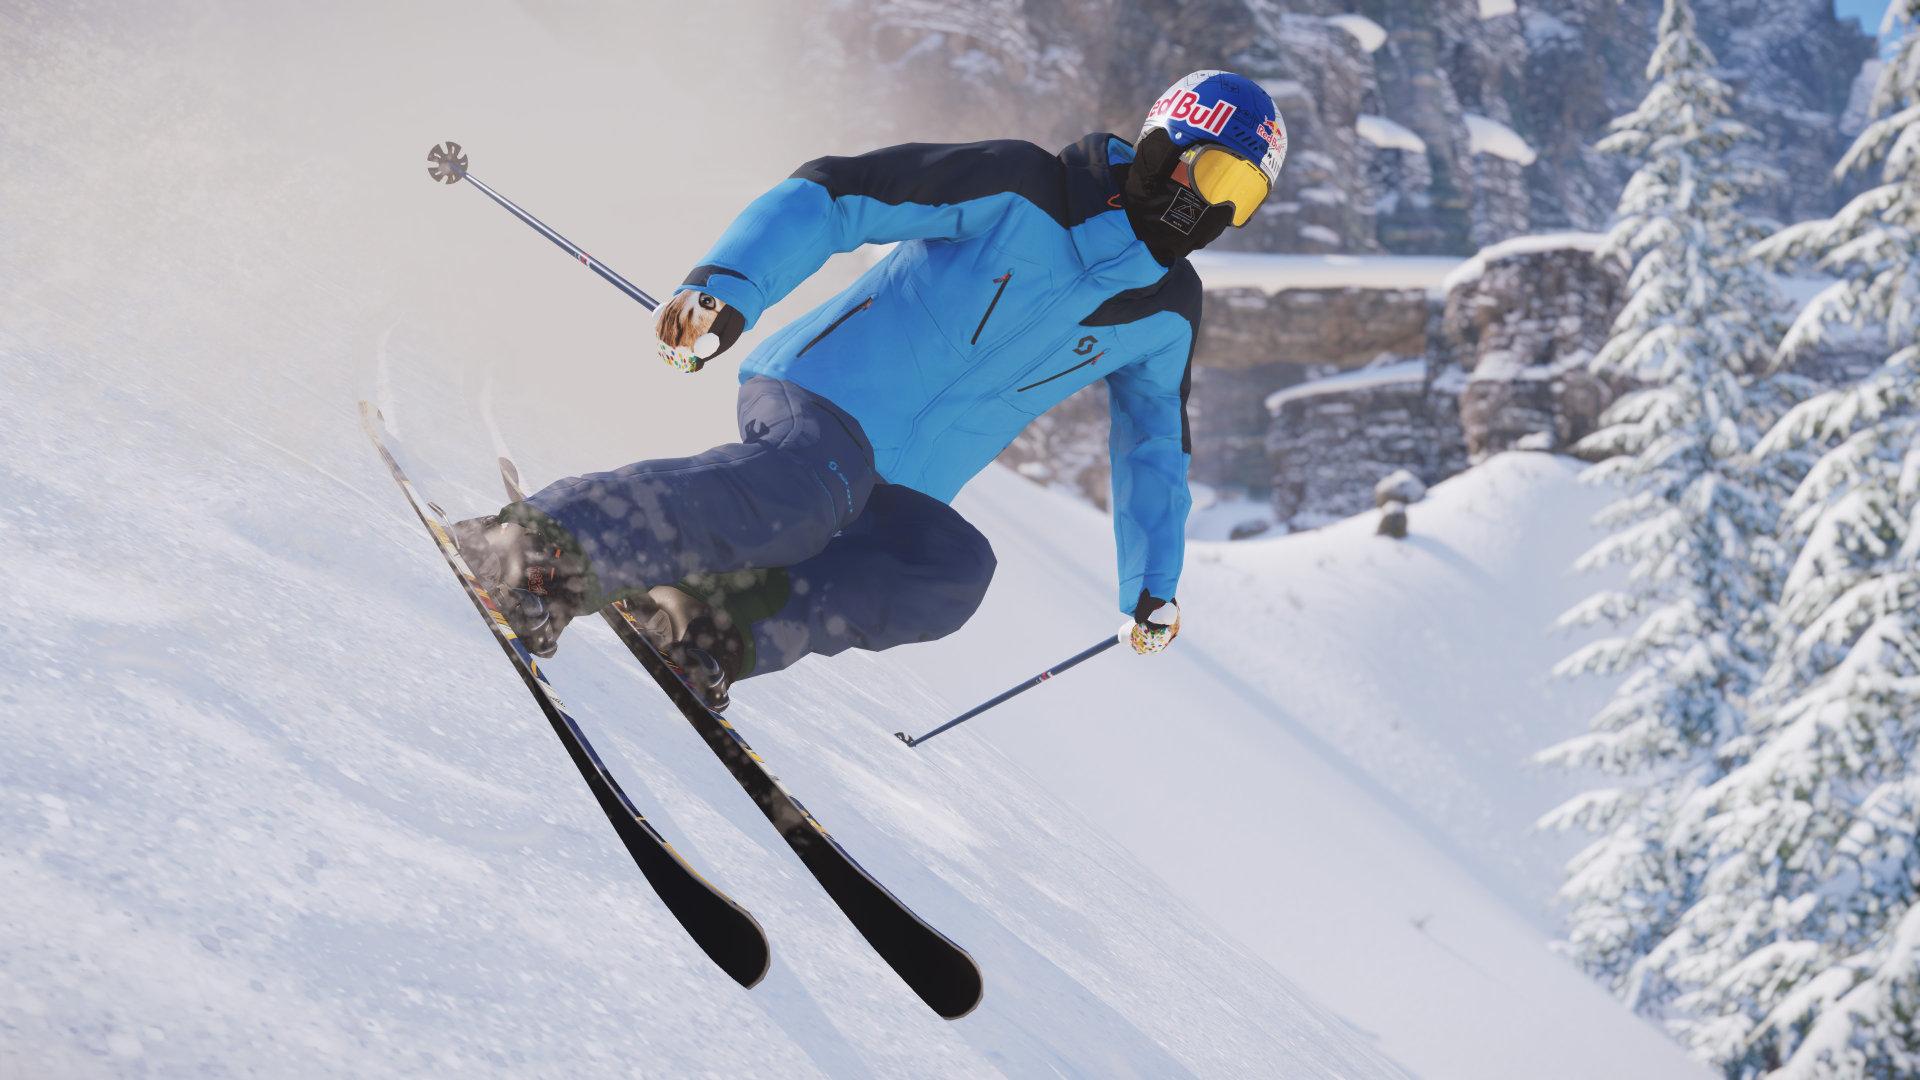 ski challenge 2018 download kostenlos